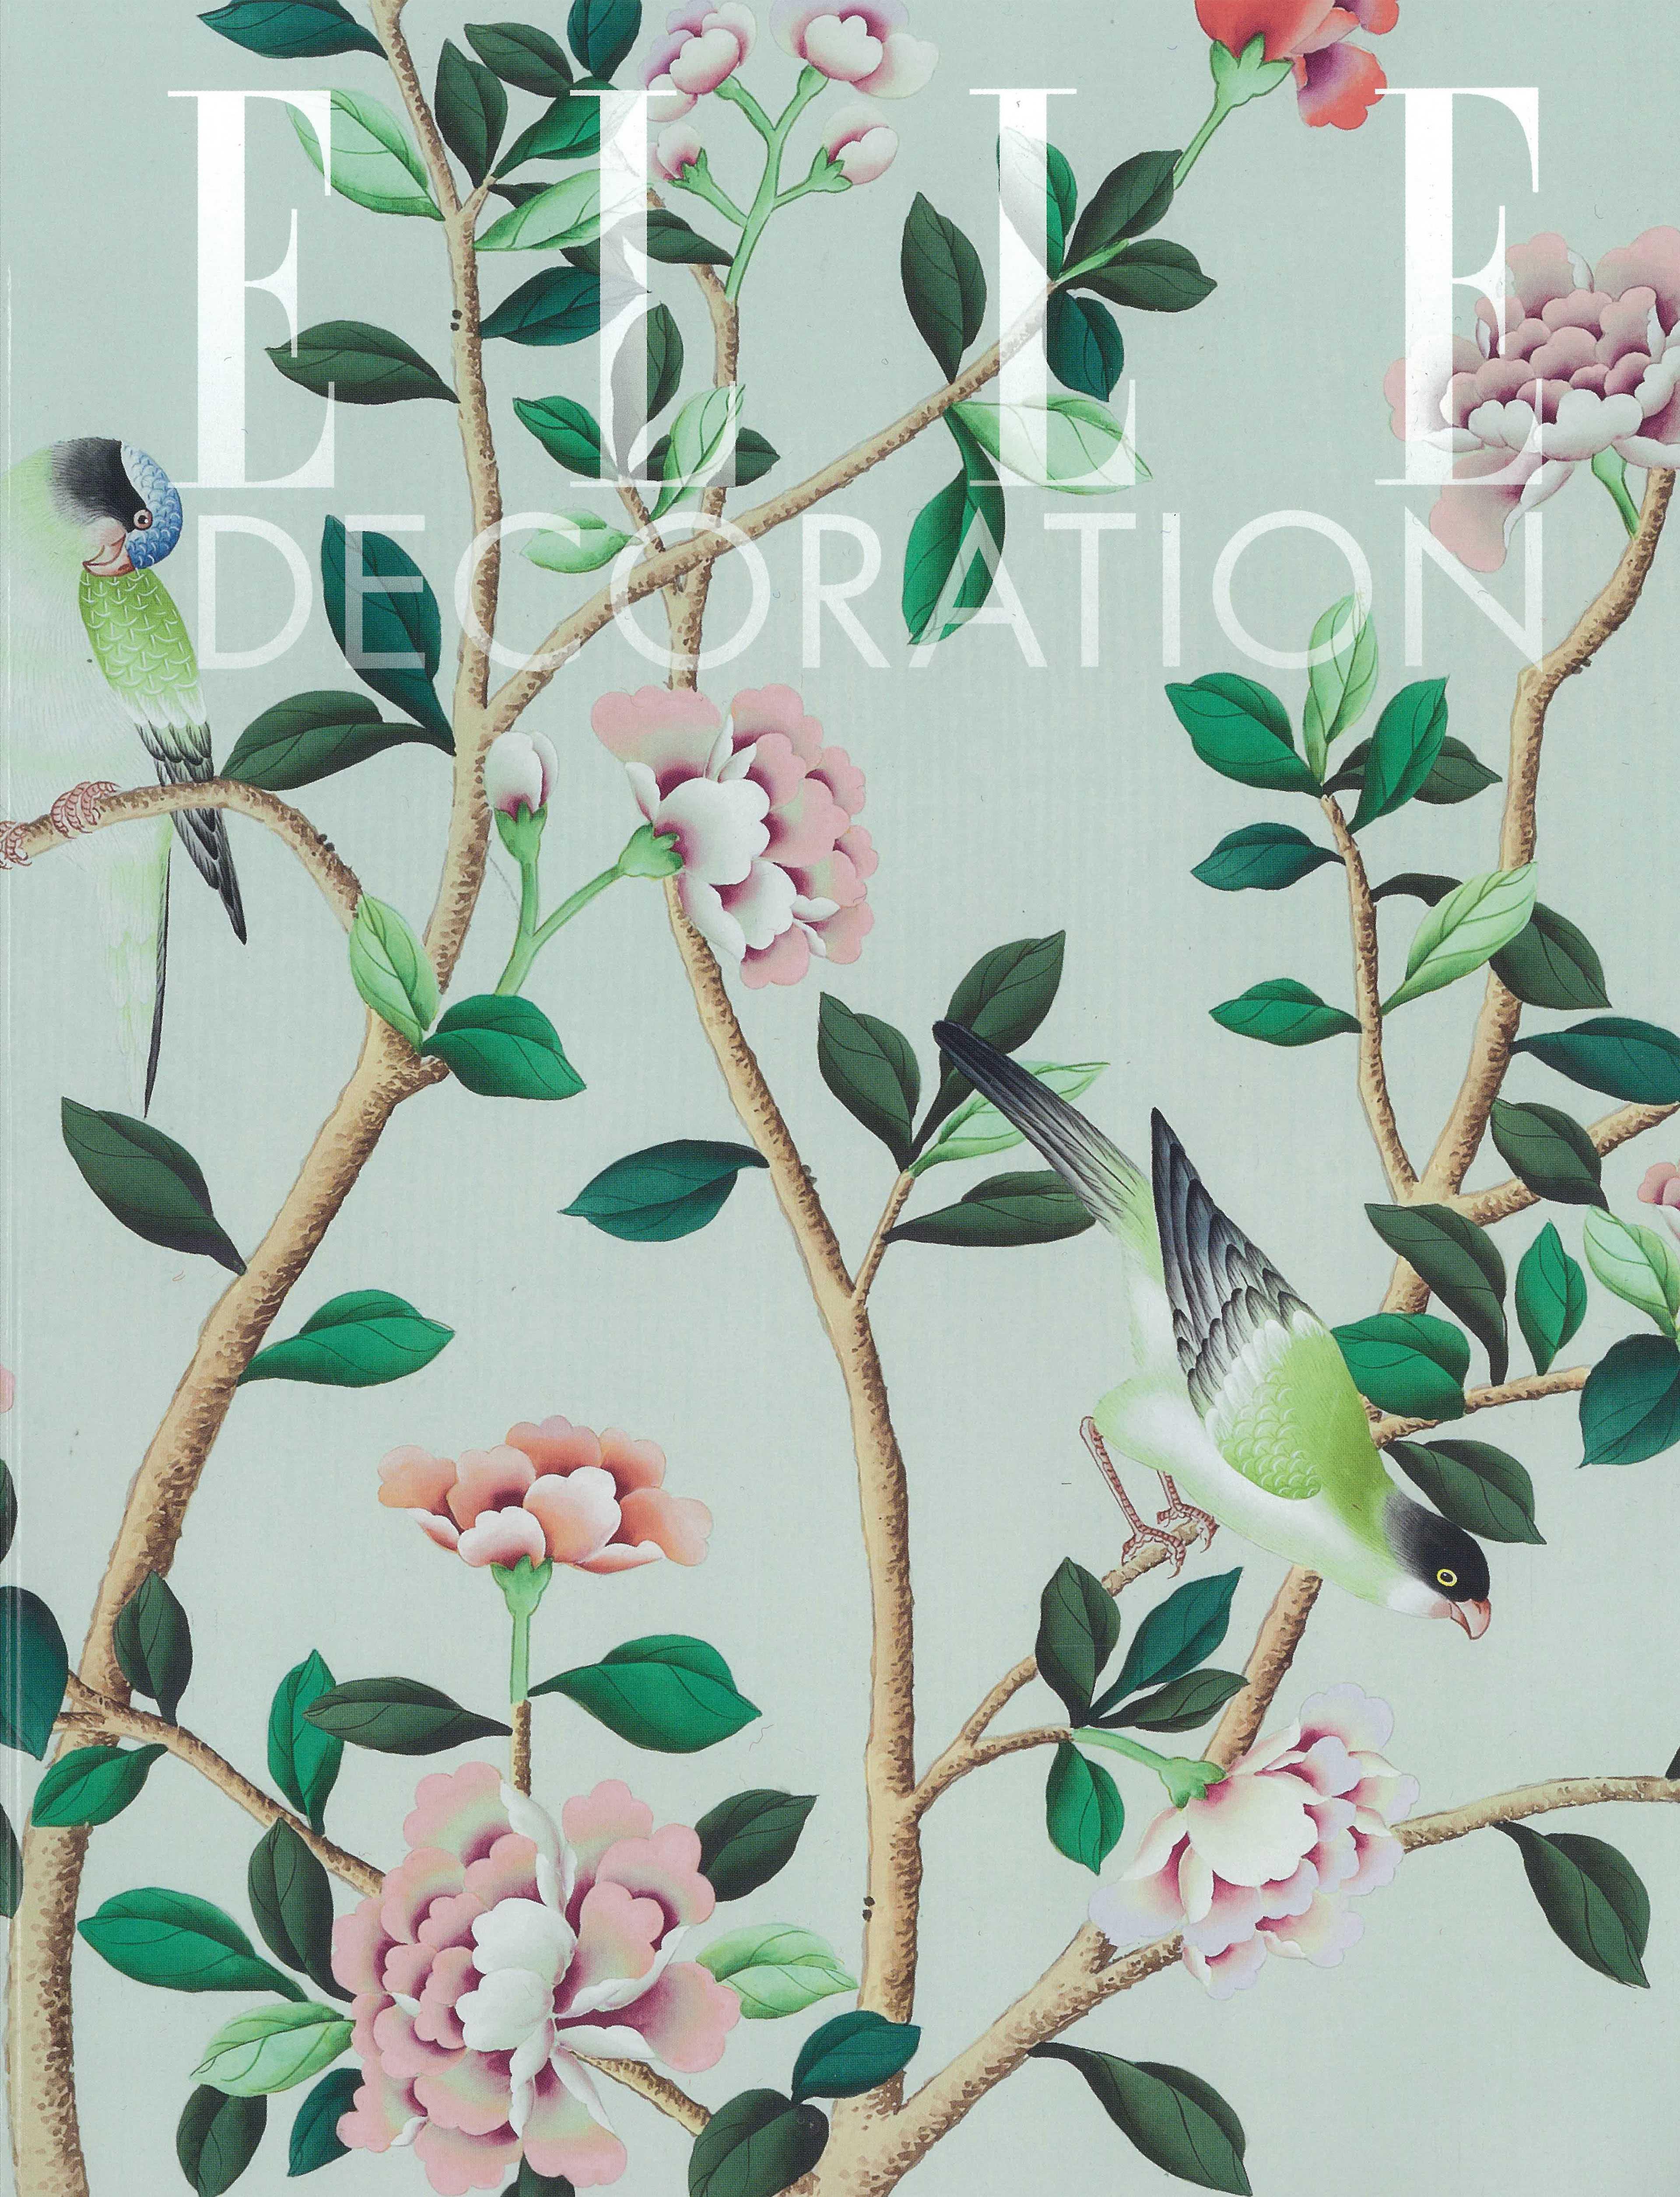 Elle Decoration April 2020